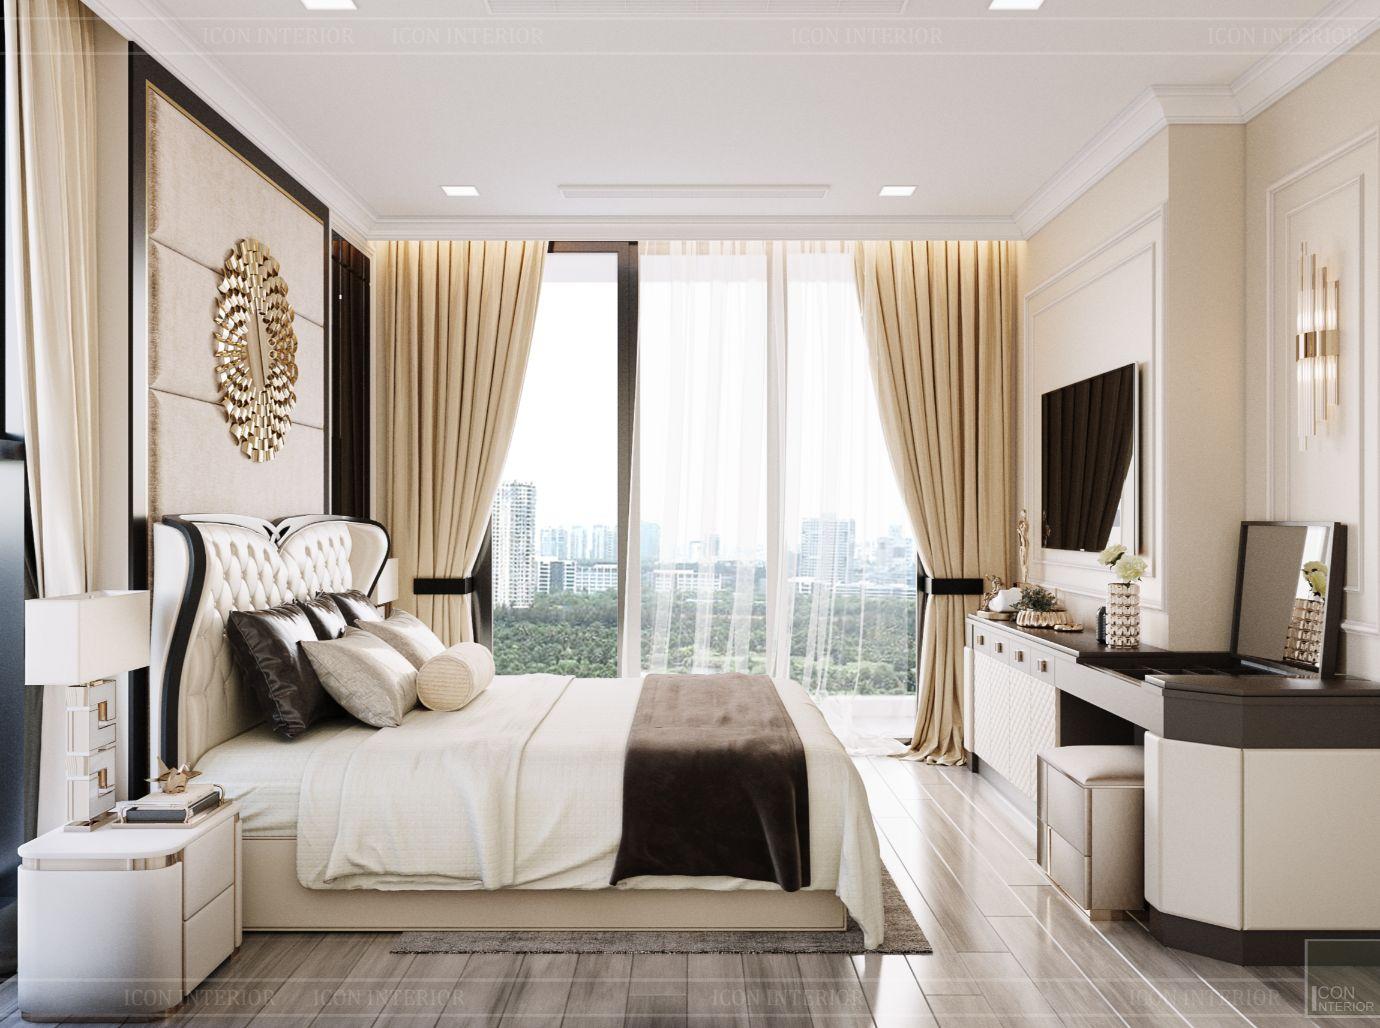 thiết kế chung cư 3 phòng ngủ - phòng ngủ master